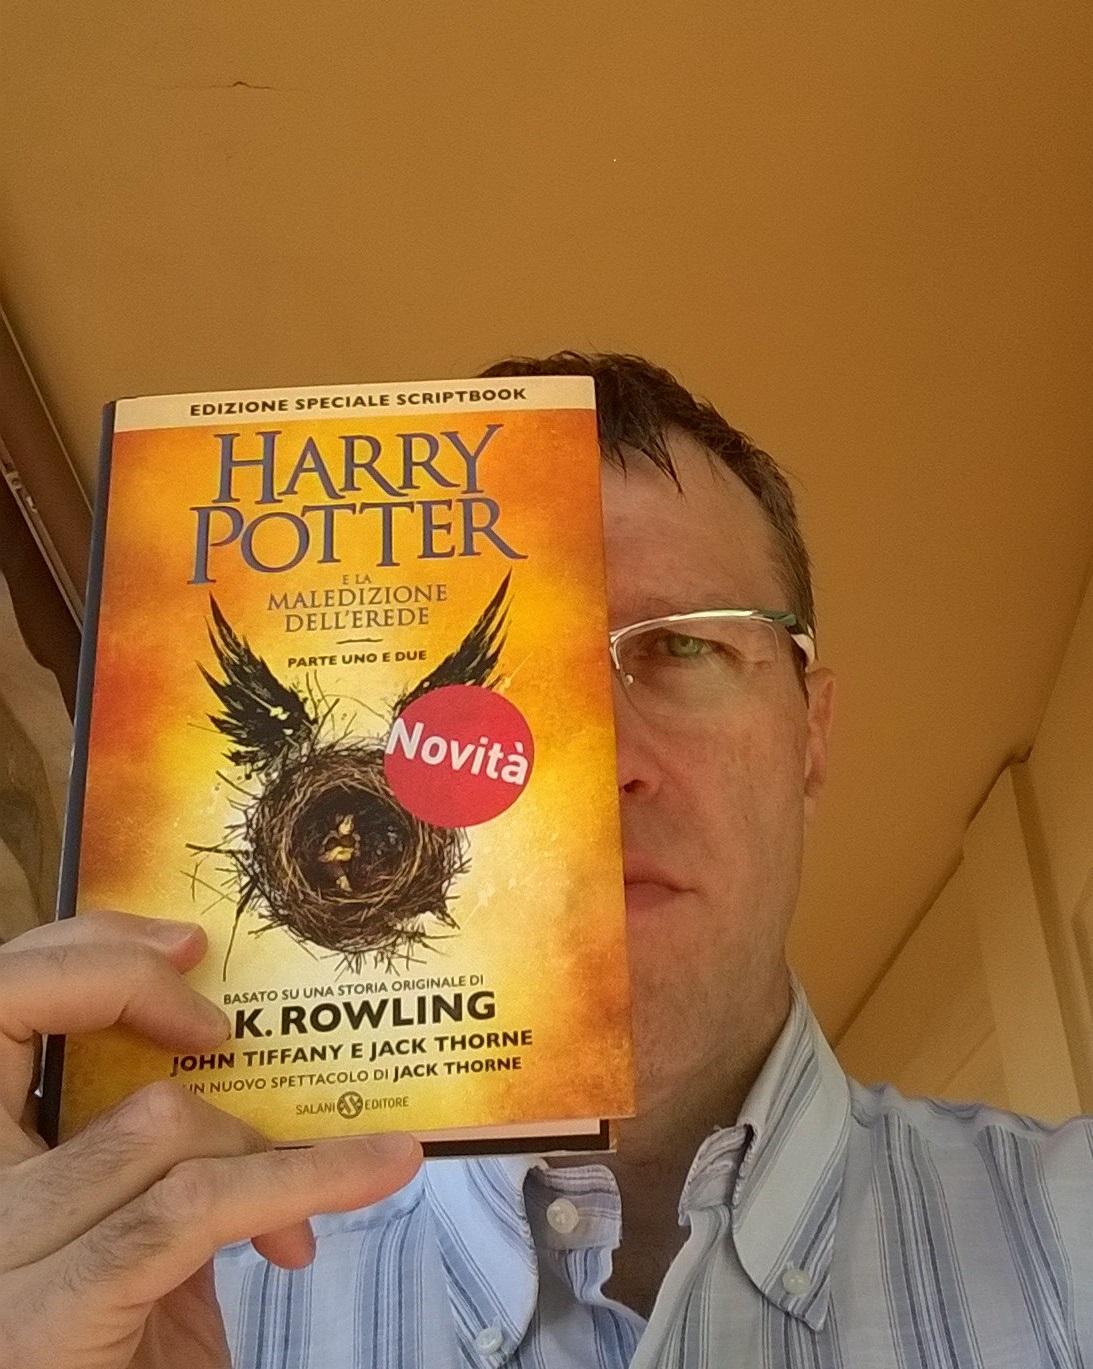 La hogwarth divergente e il figlio ucronico di harry potter 7 e ¾